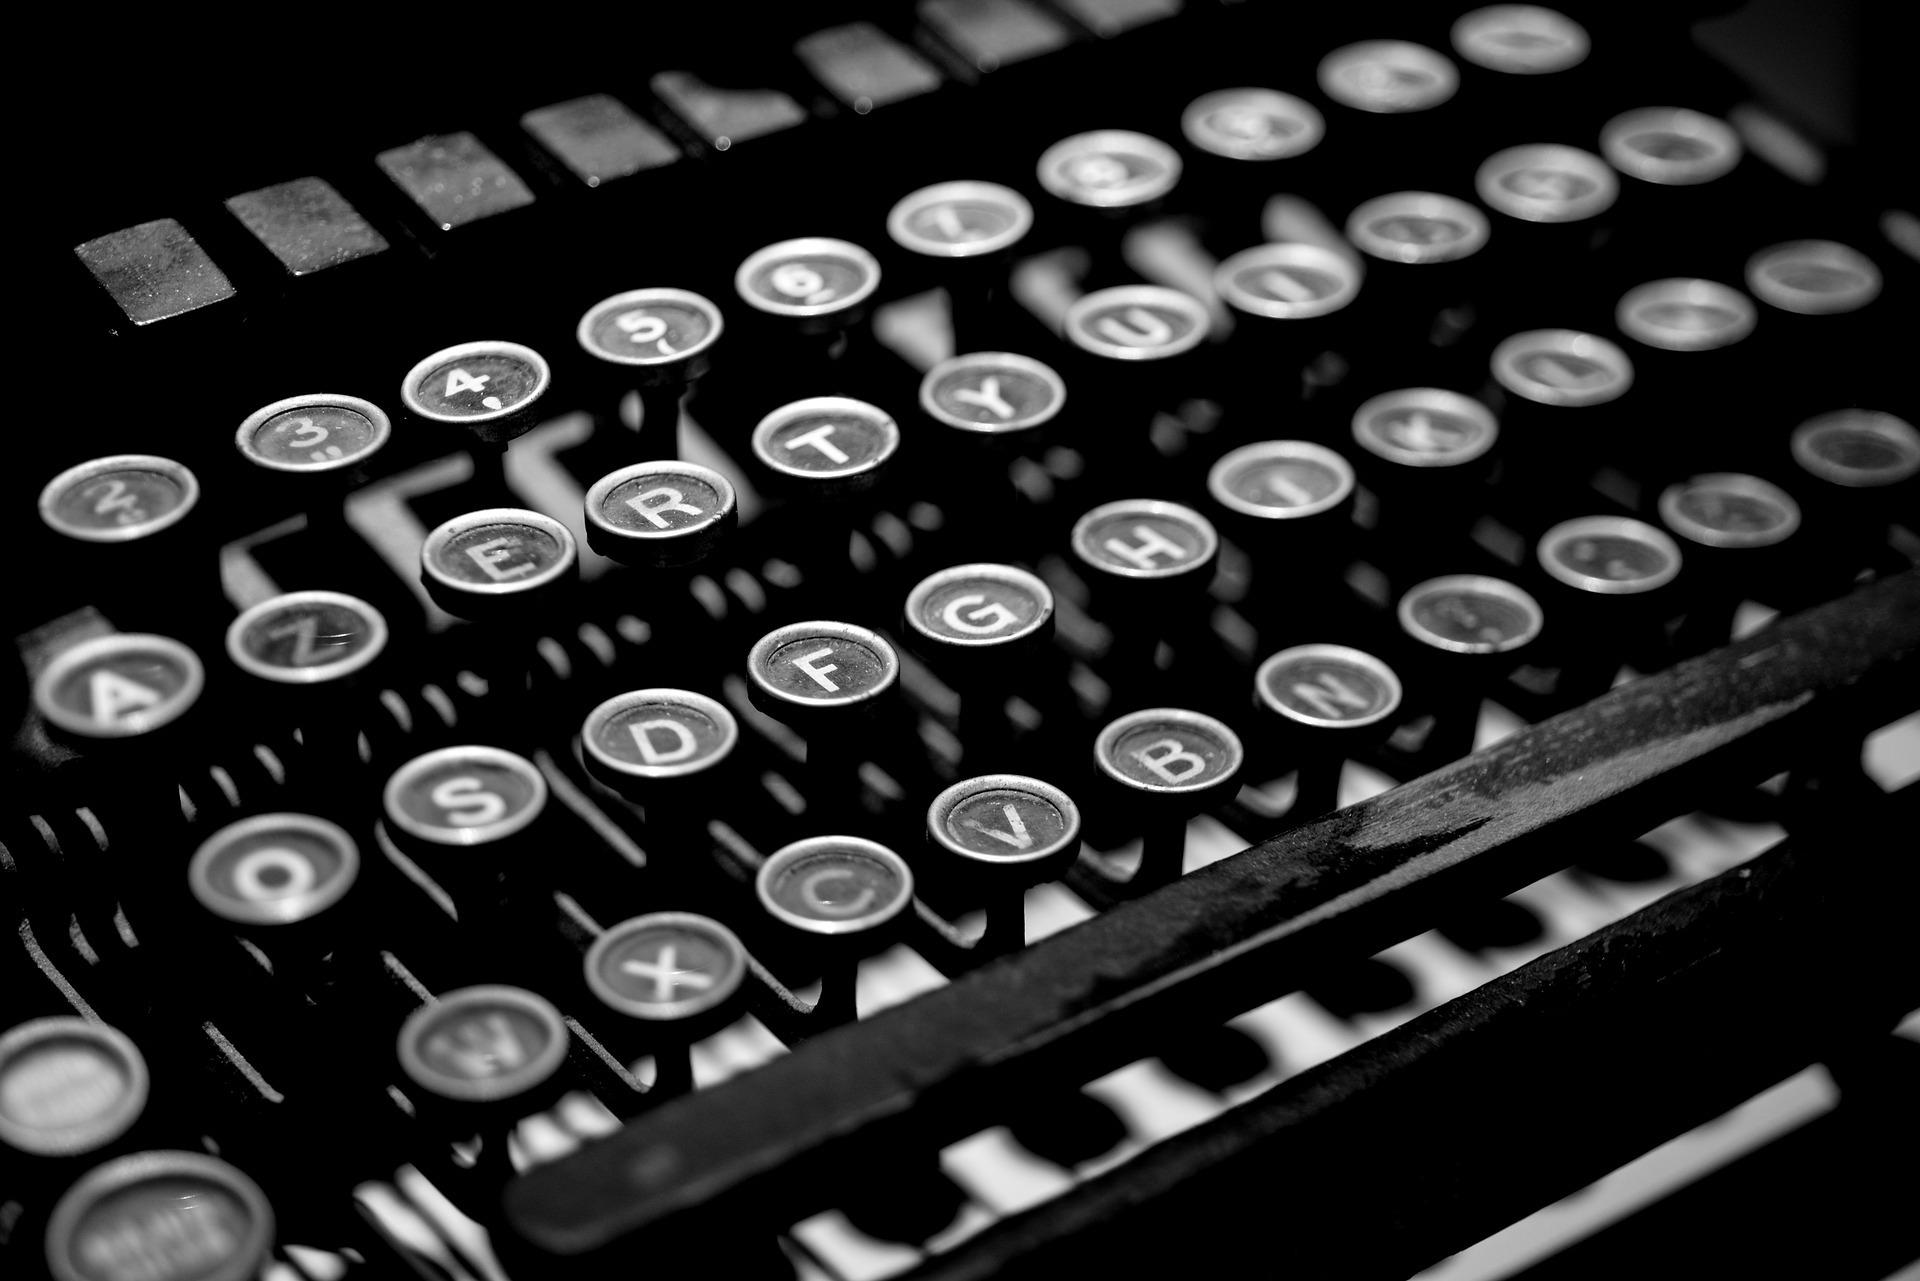 typewriter-2653187_1920.jpg